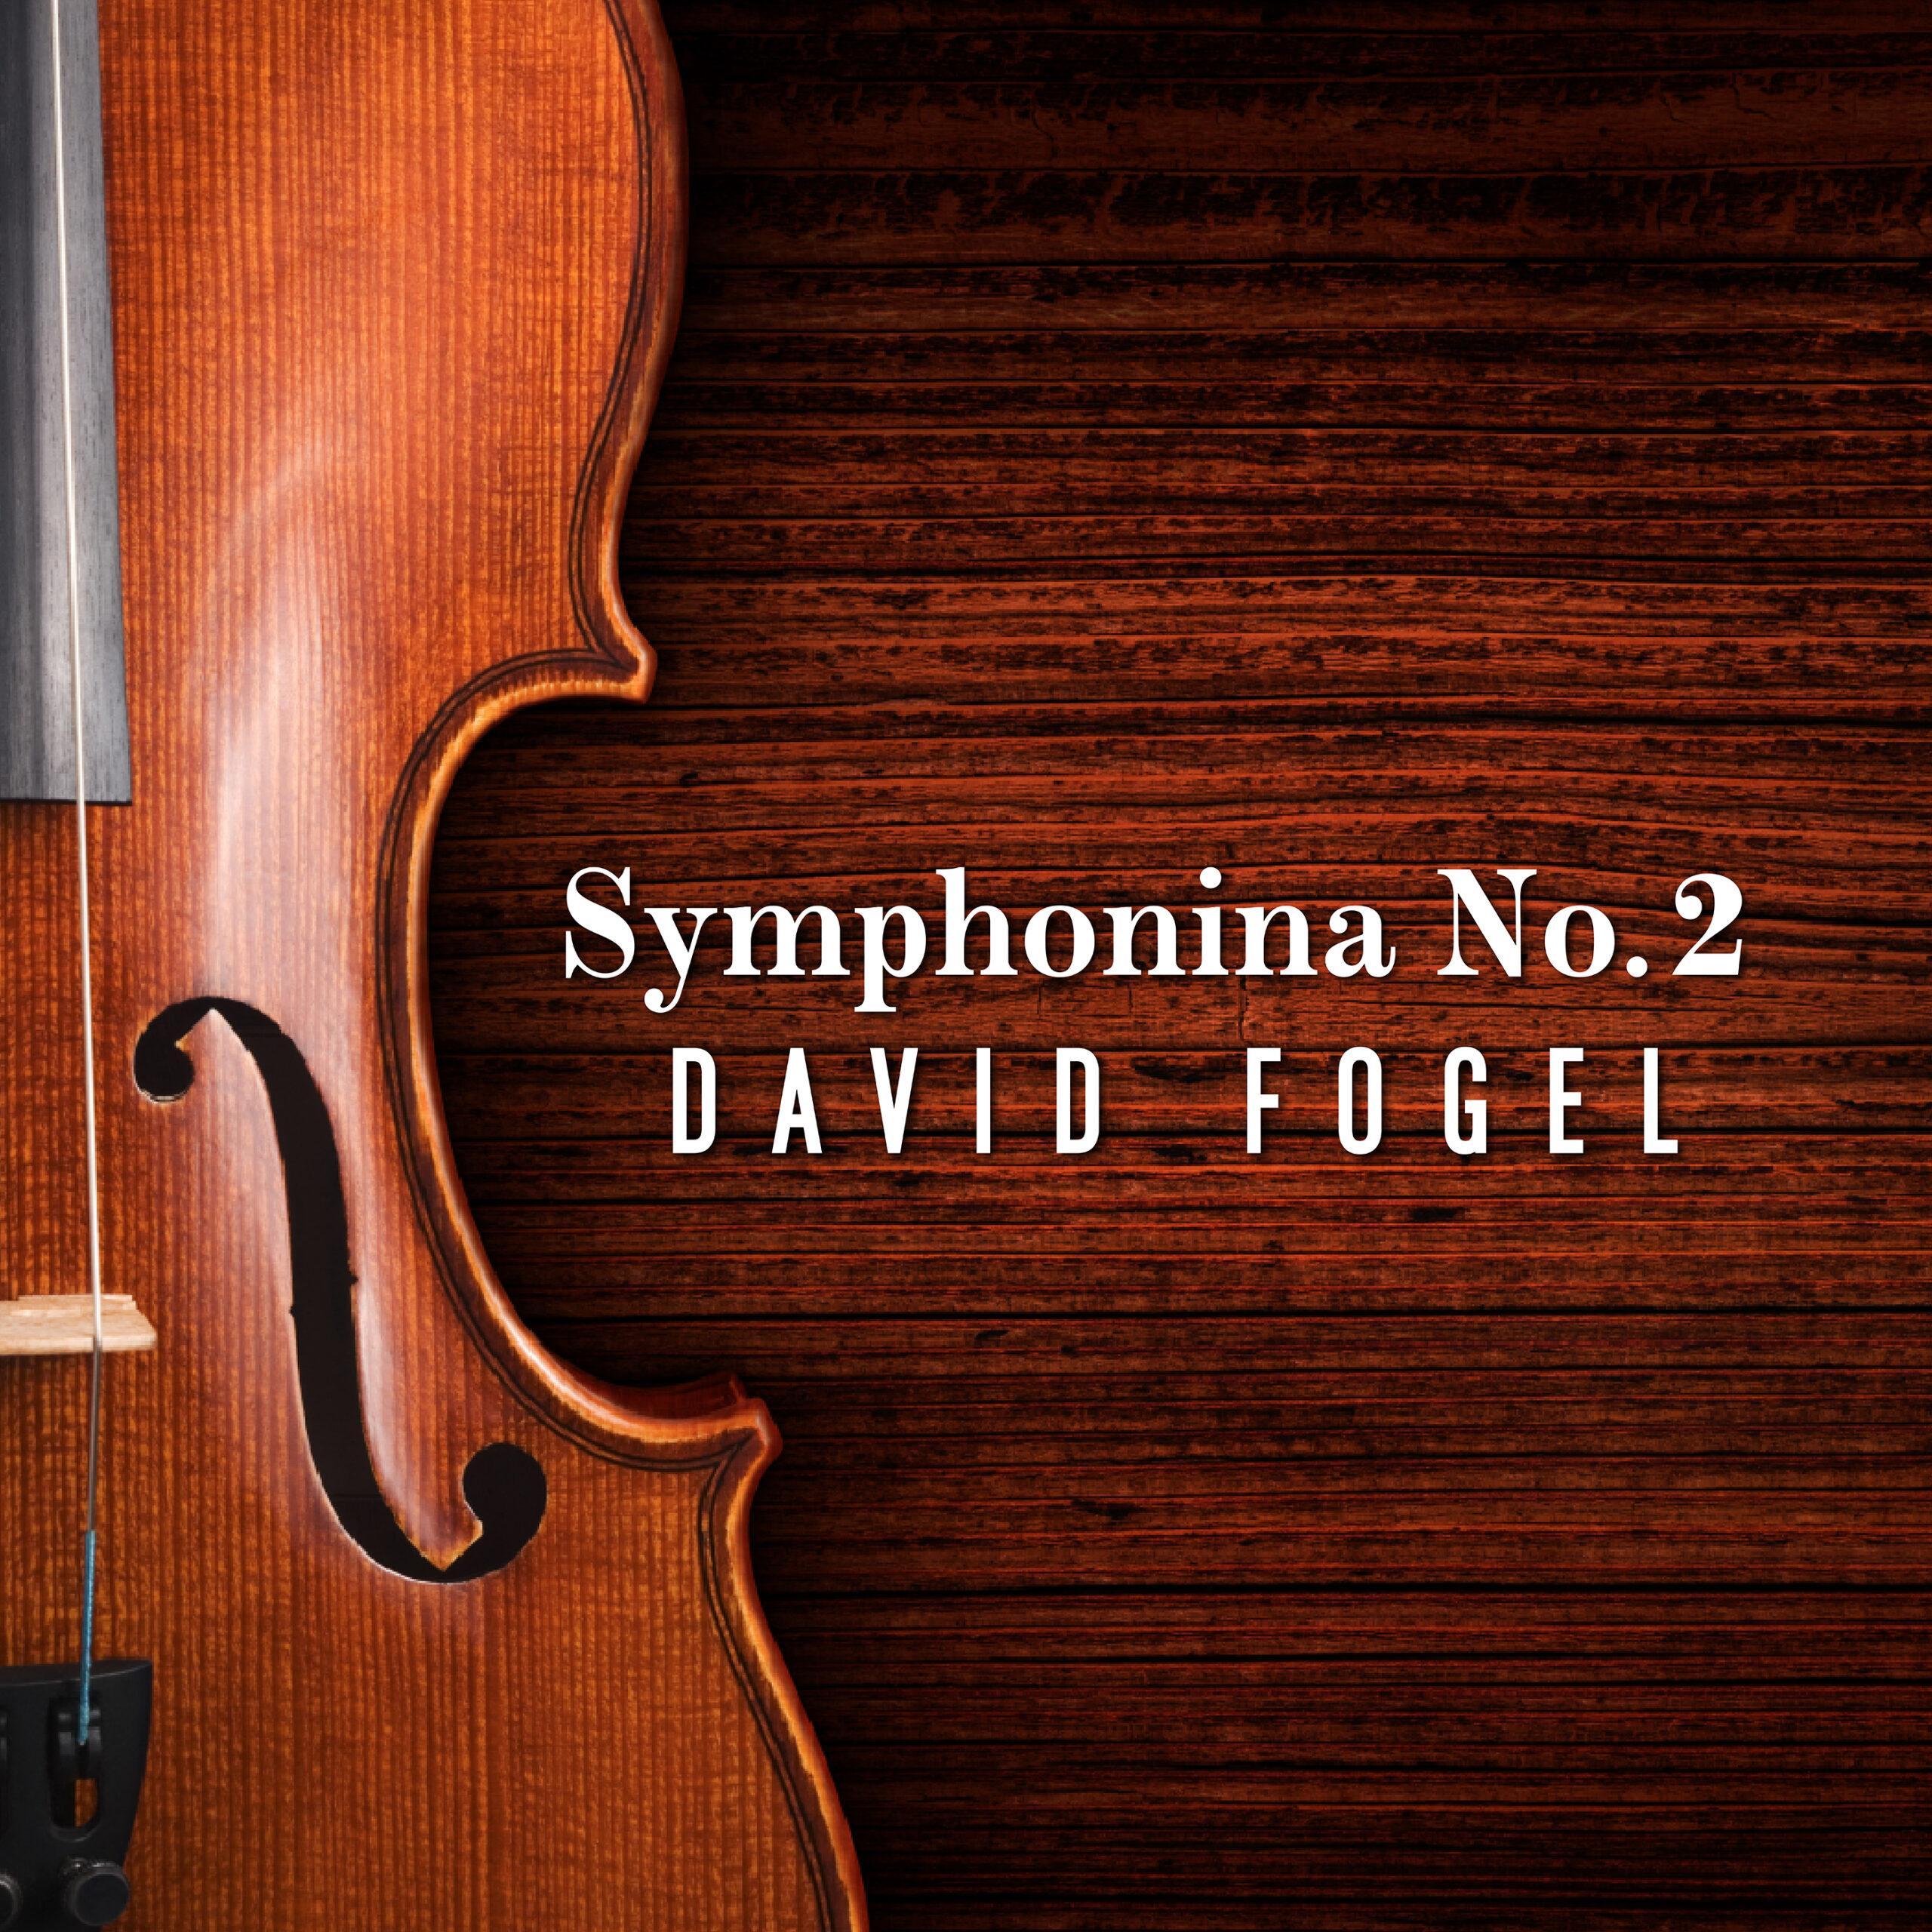 Symphonina No. 2